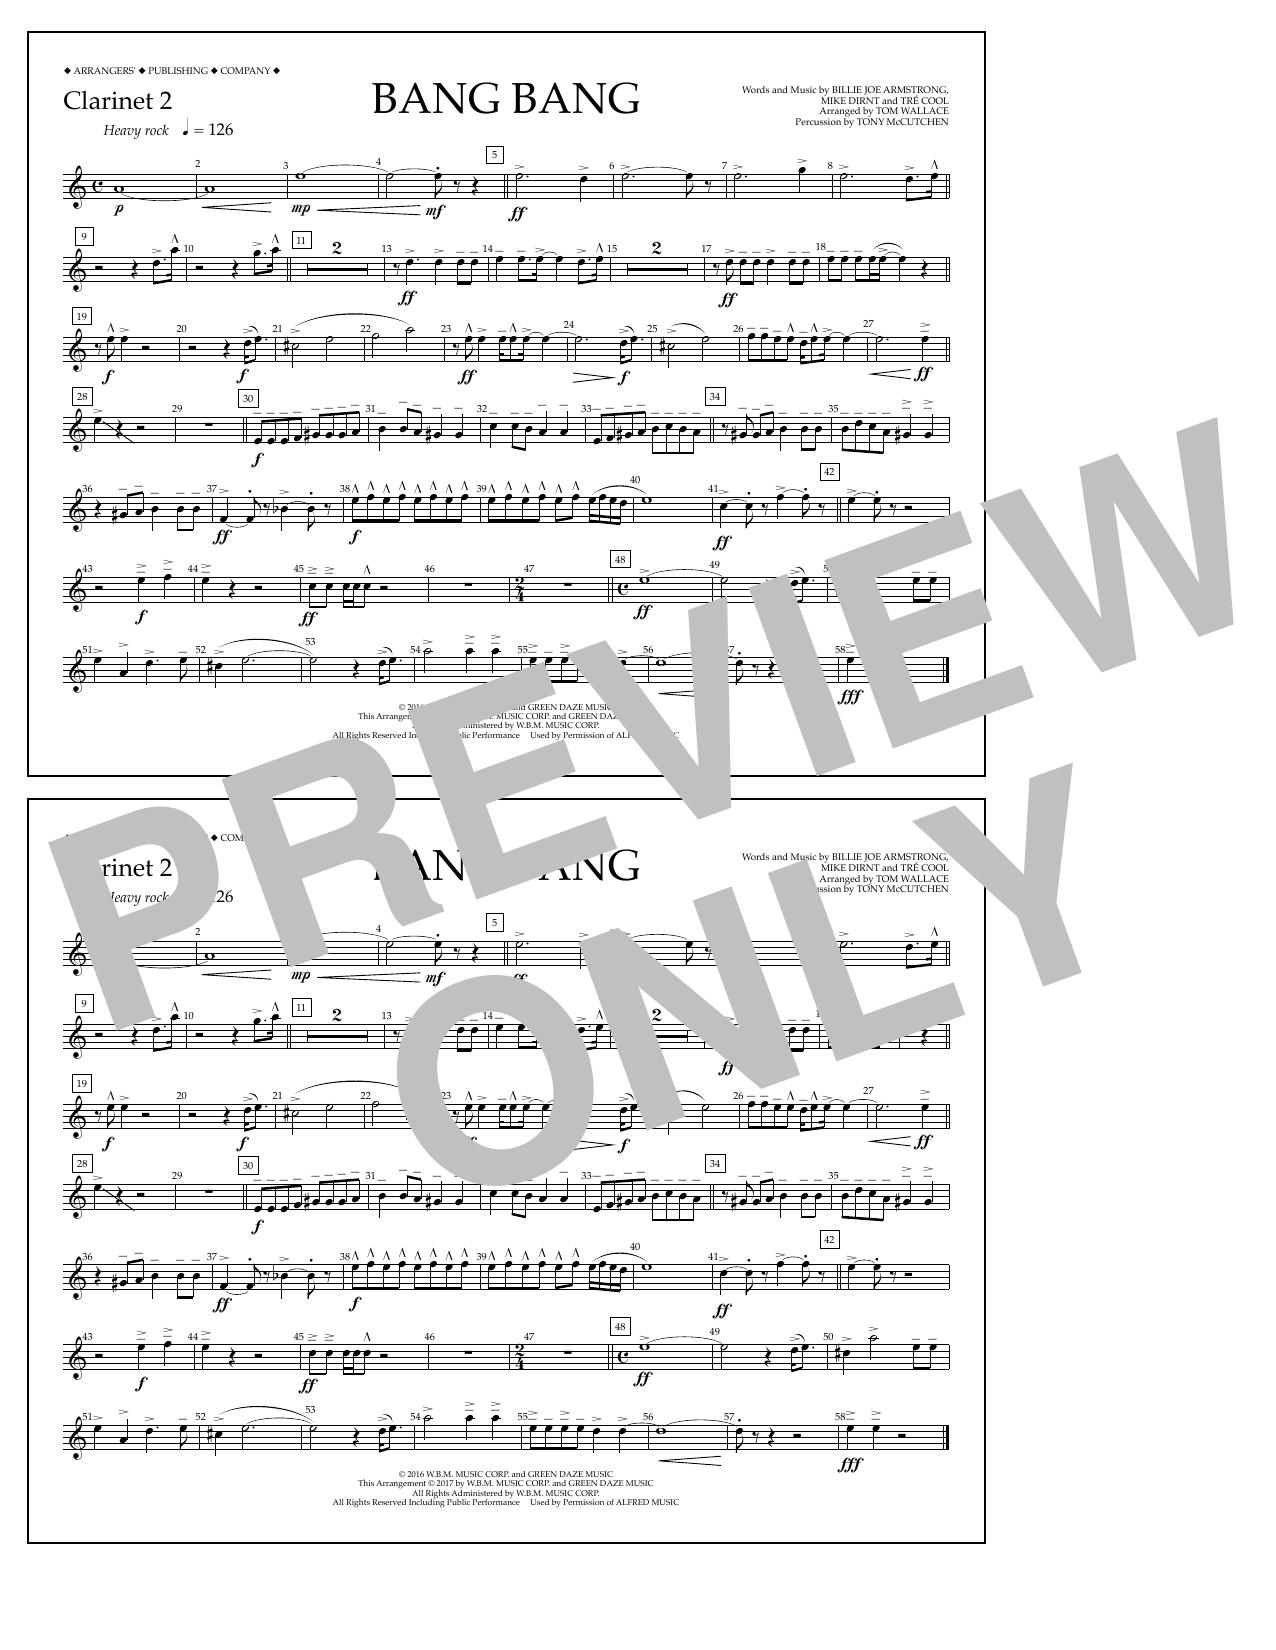 Bang Bang - Clarinet 2 Sheet Music